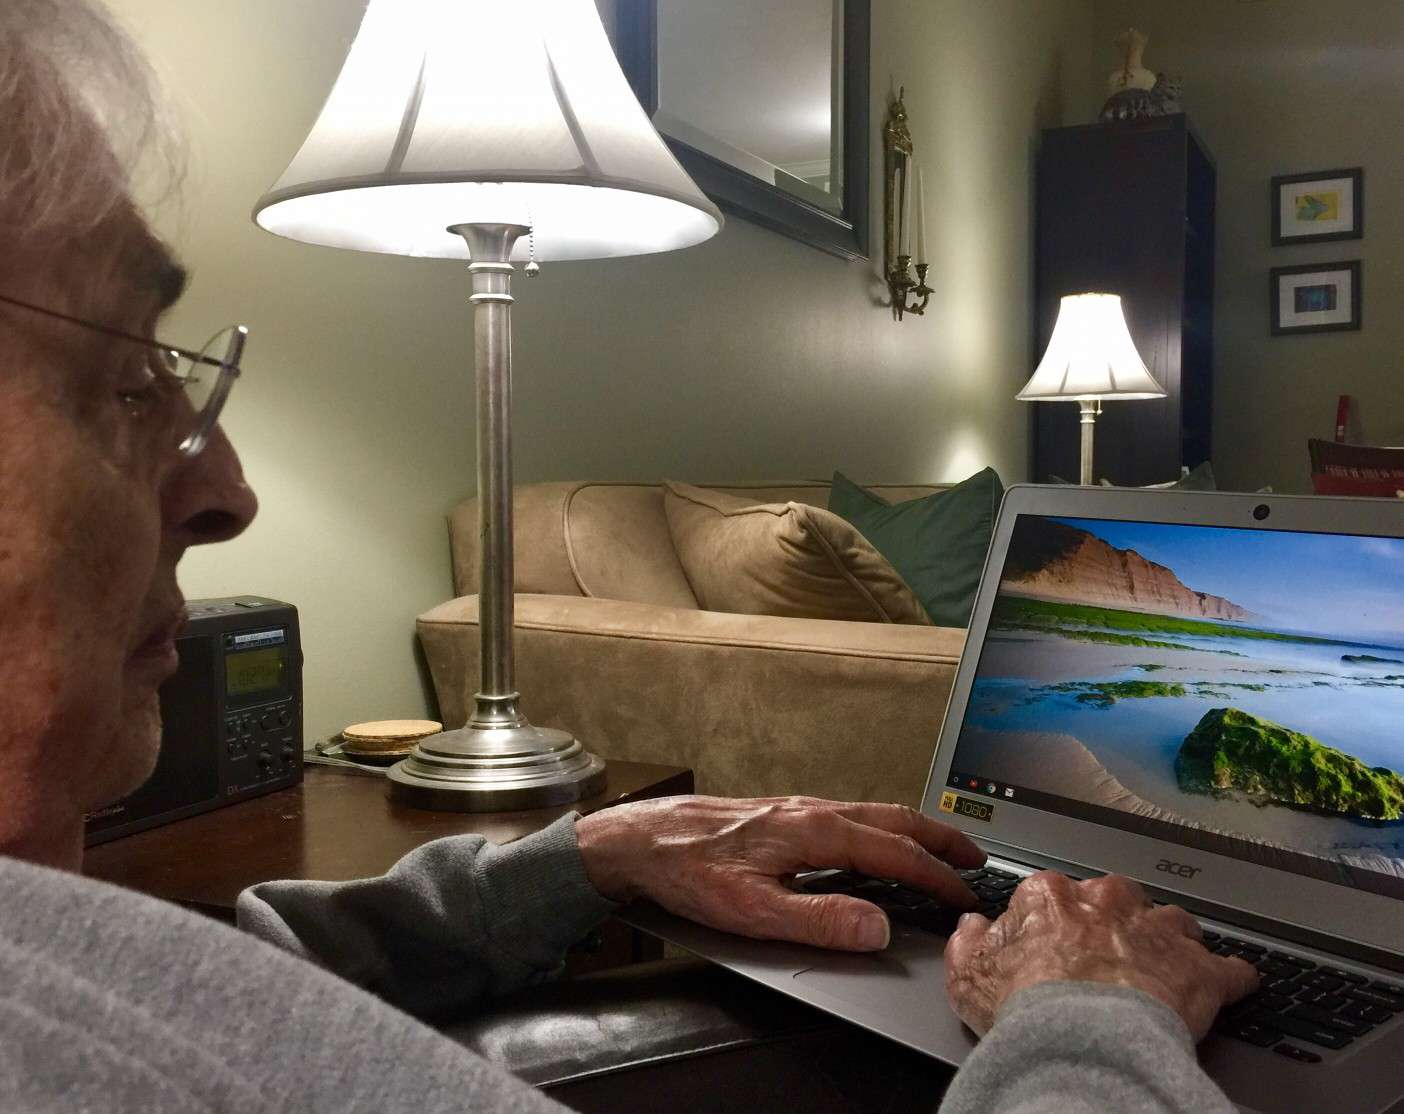 An older man using a Chromebook.